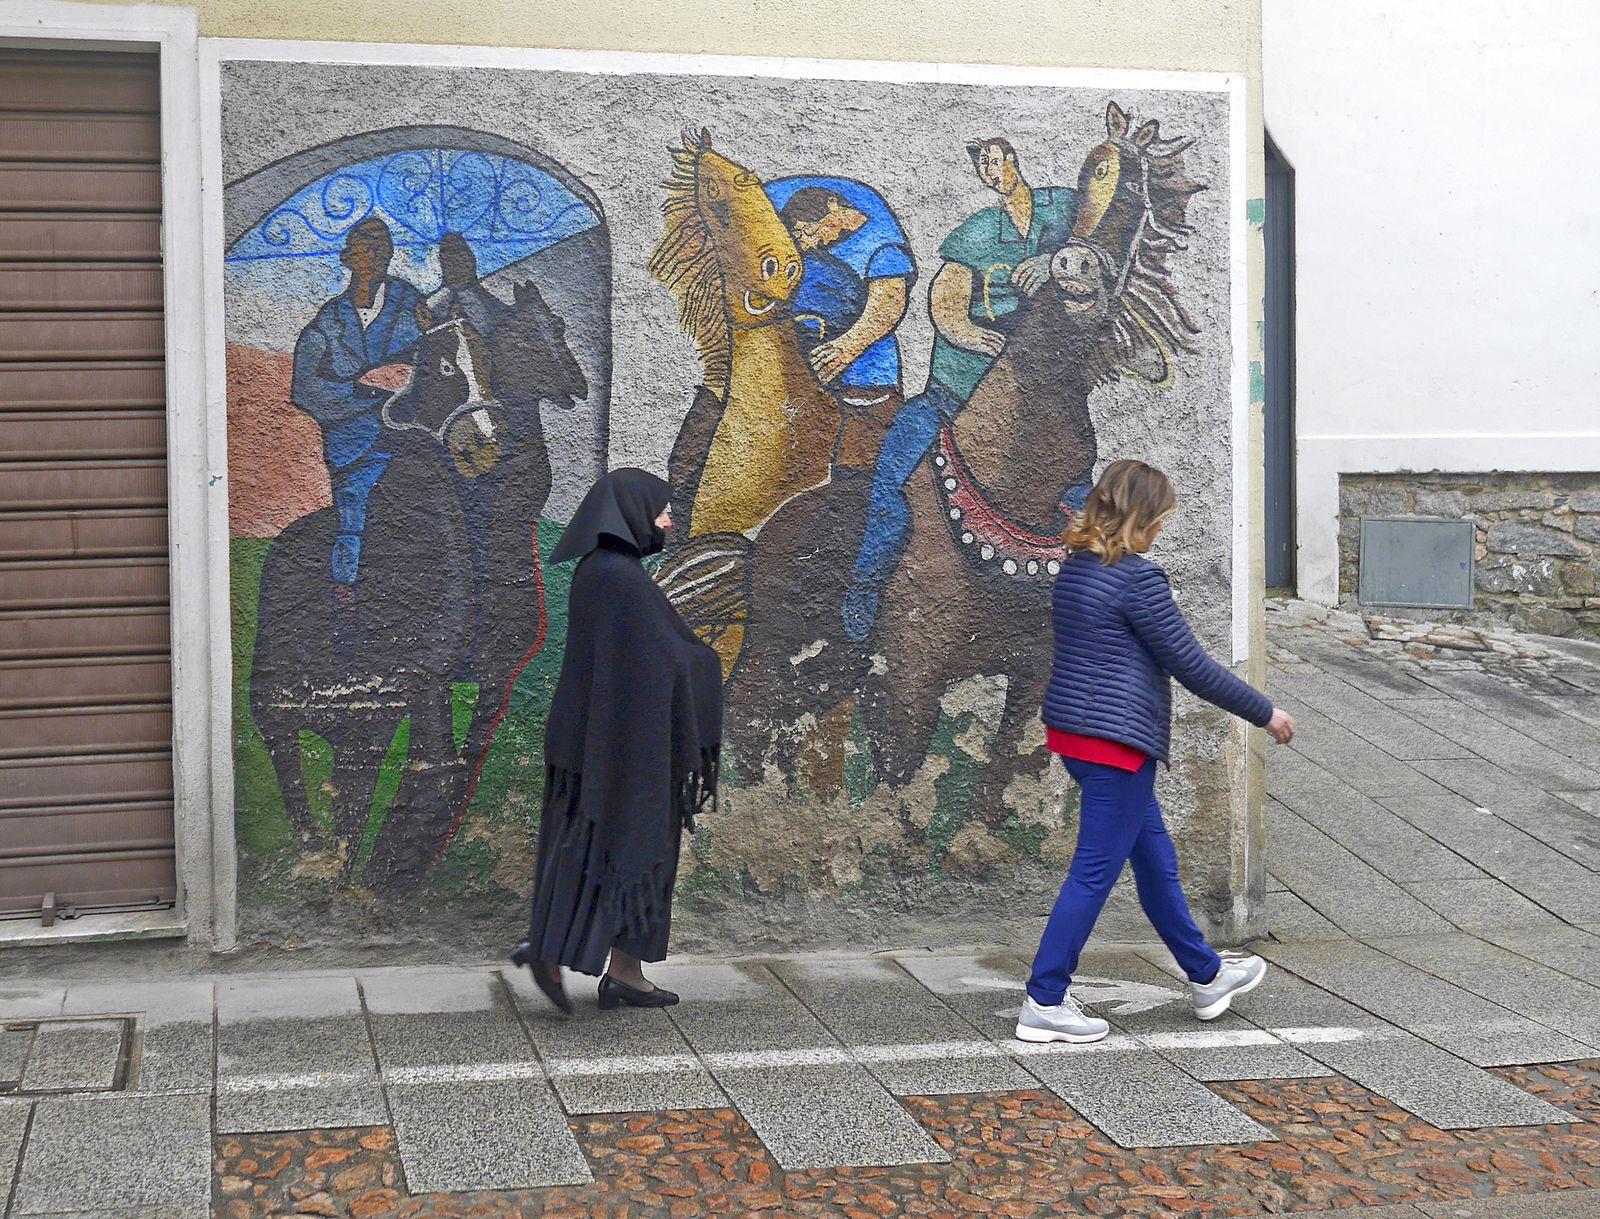 Tout un symbole : deux femmes, deux générations, deux cultures qui se côtoient...